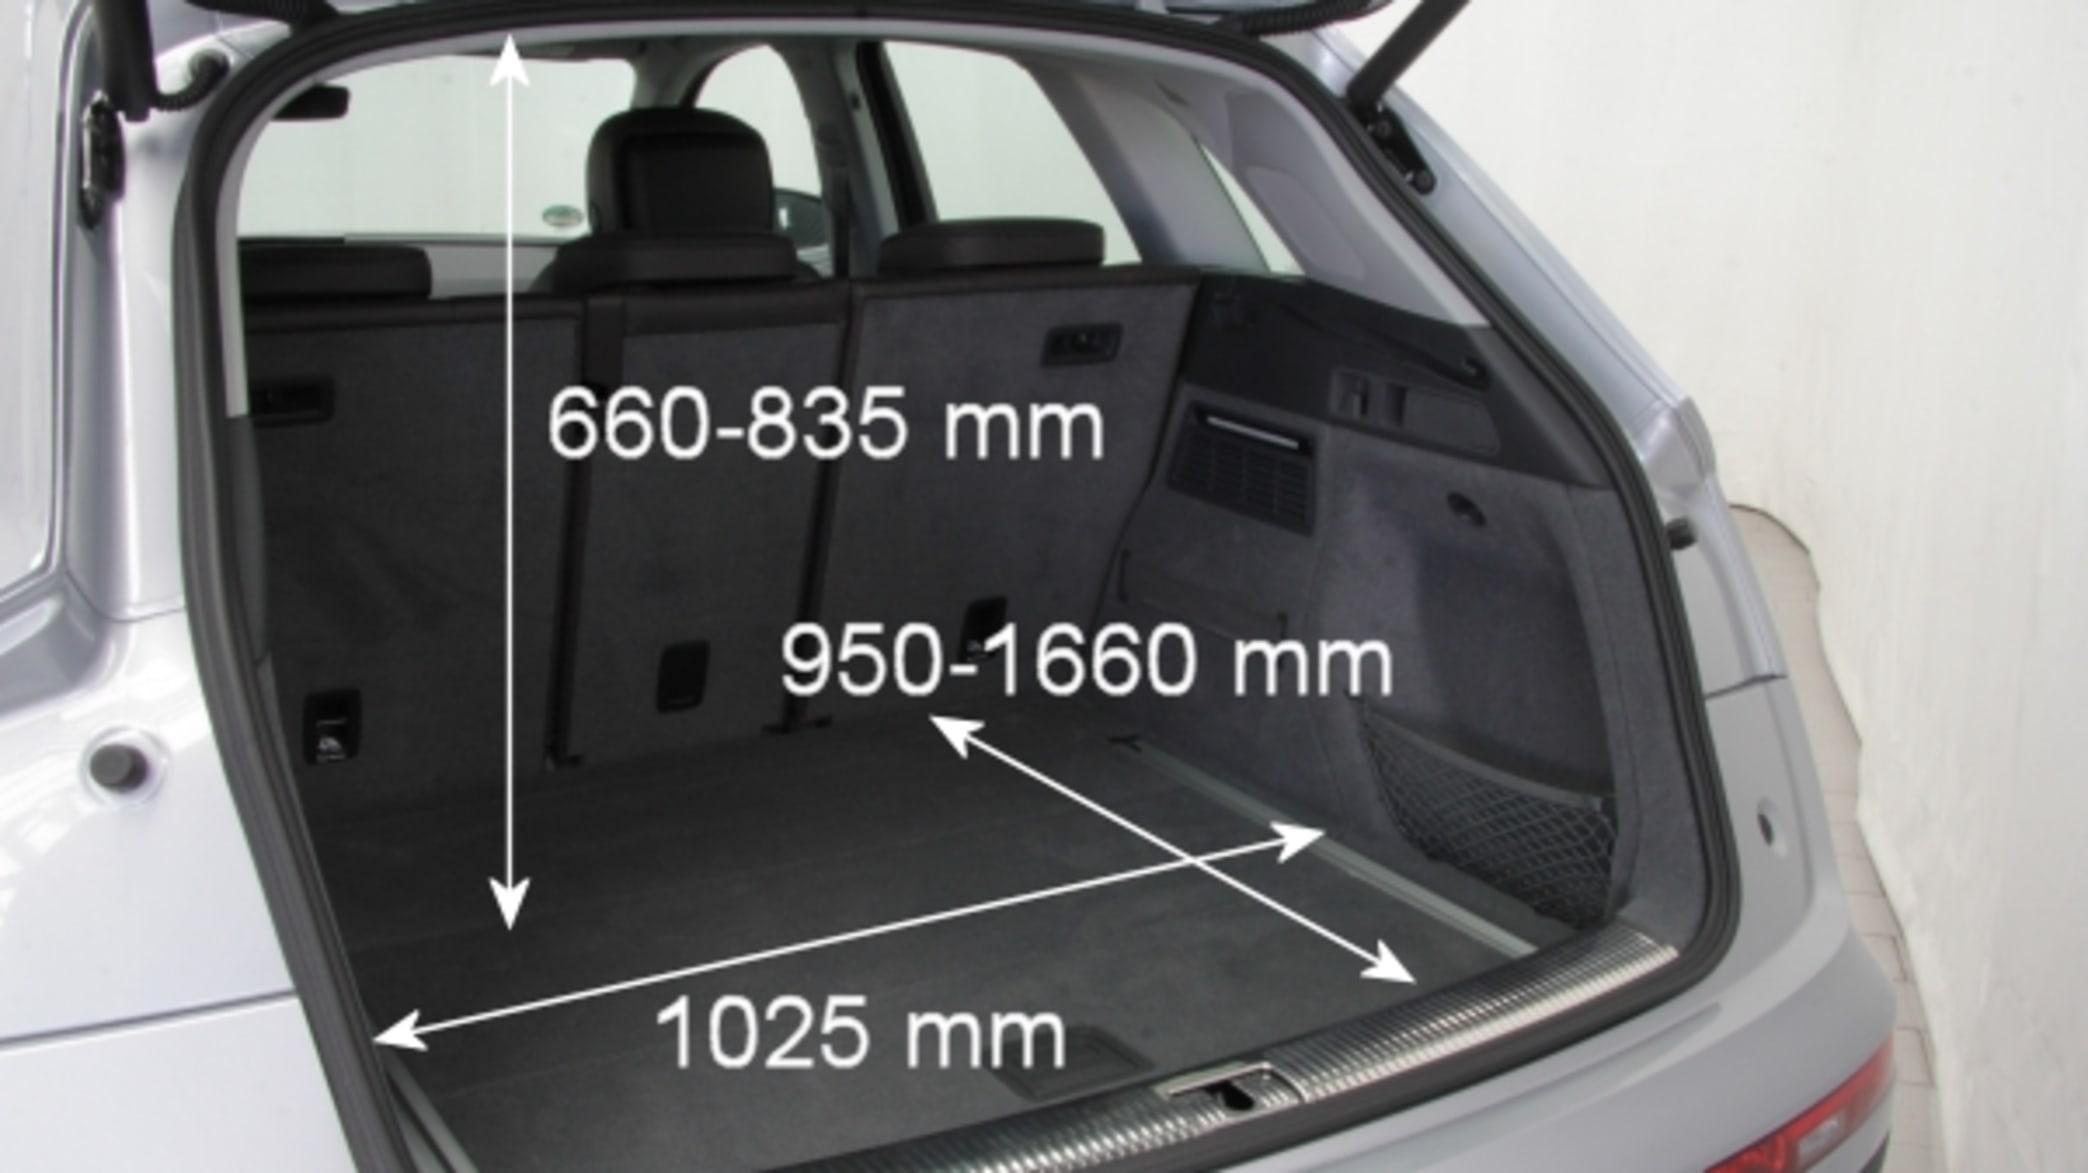 Kofferraum eines Audi Q5s mit Maßen